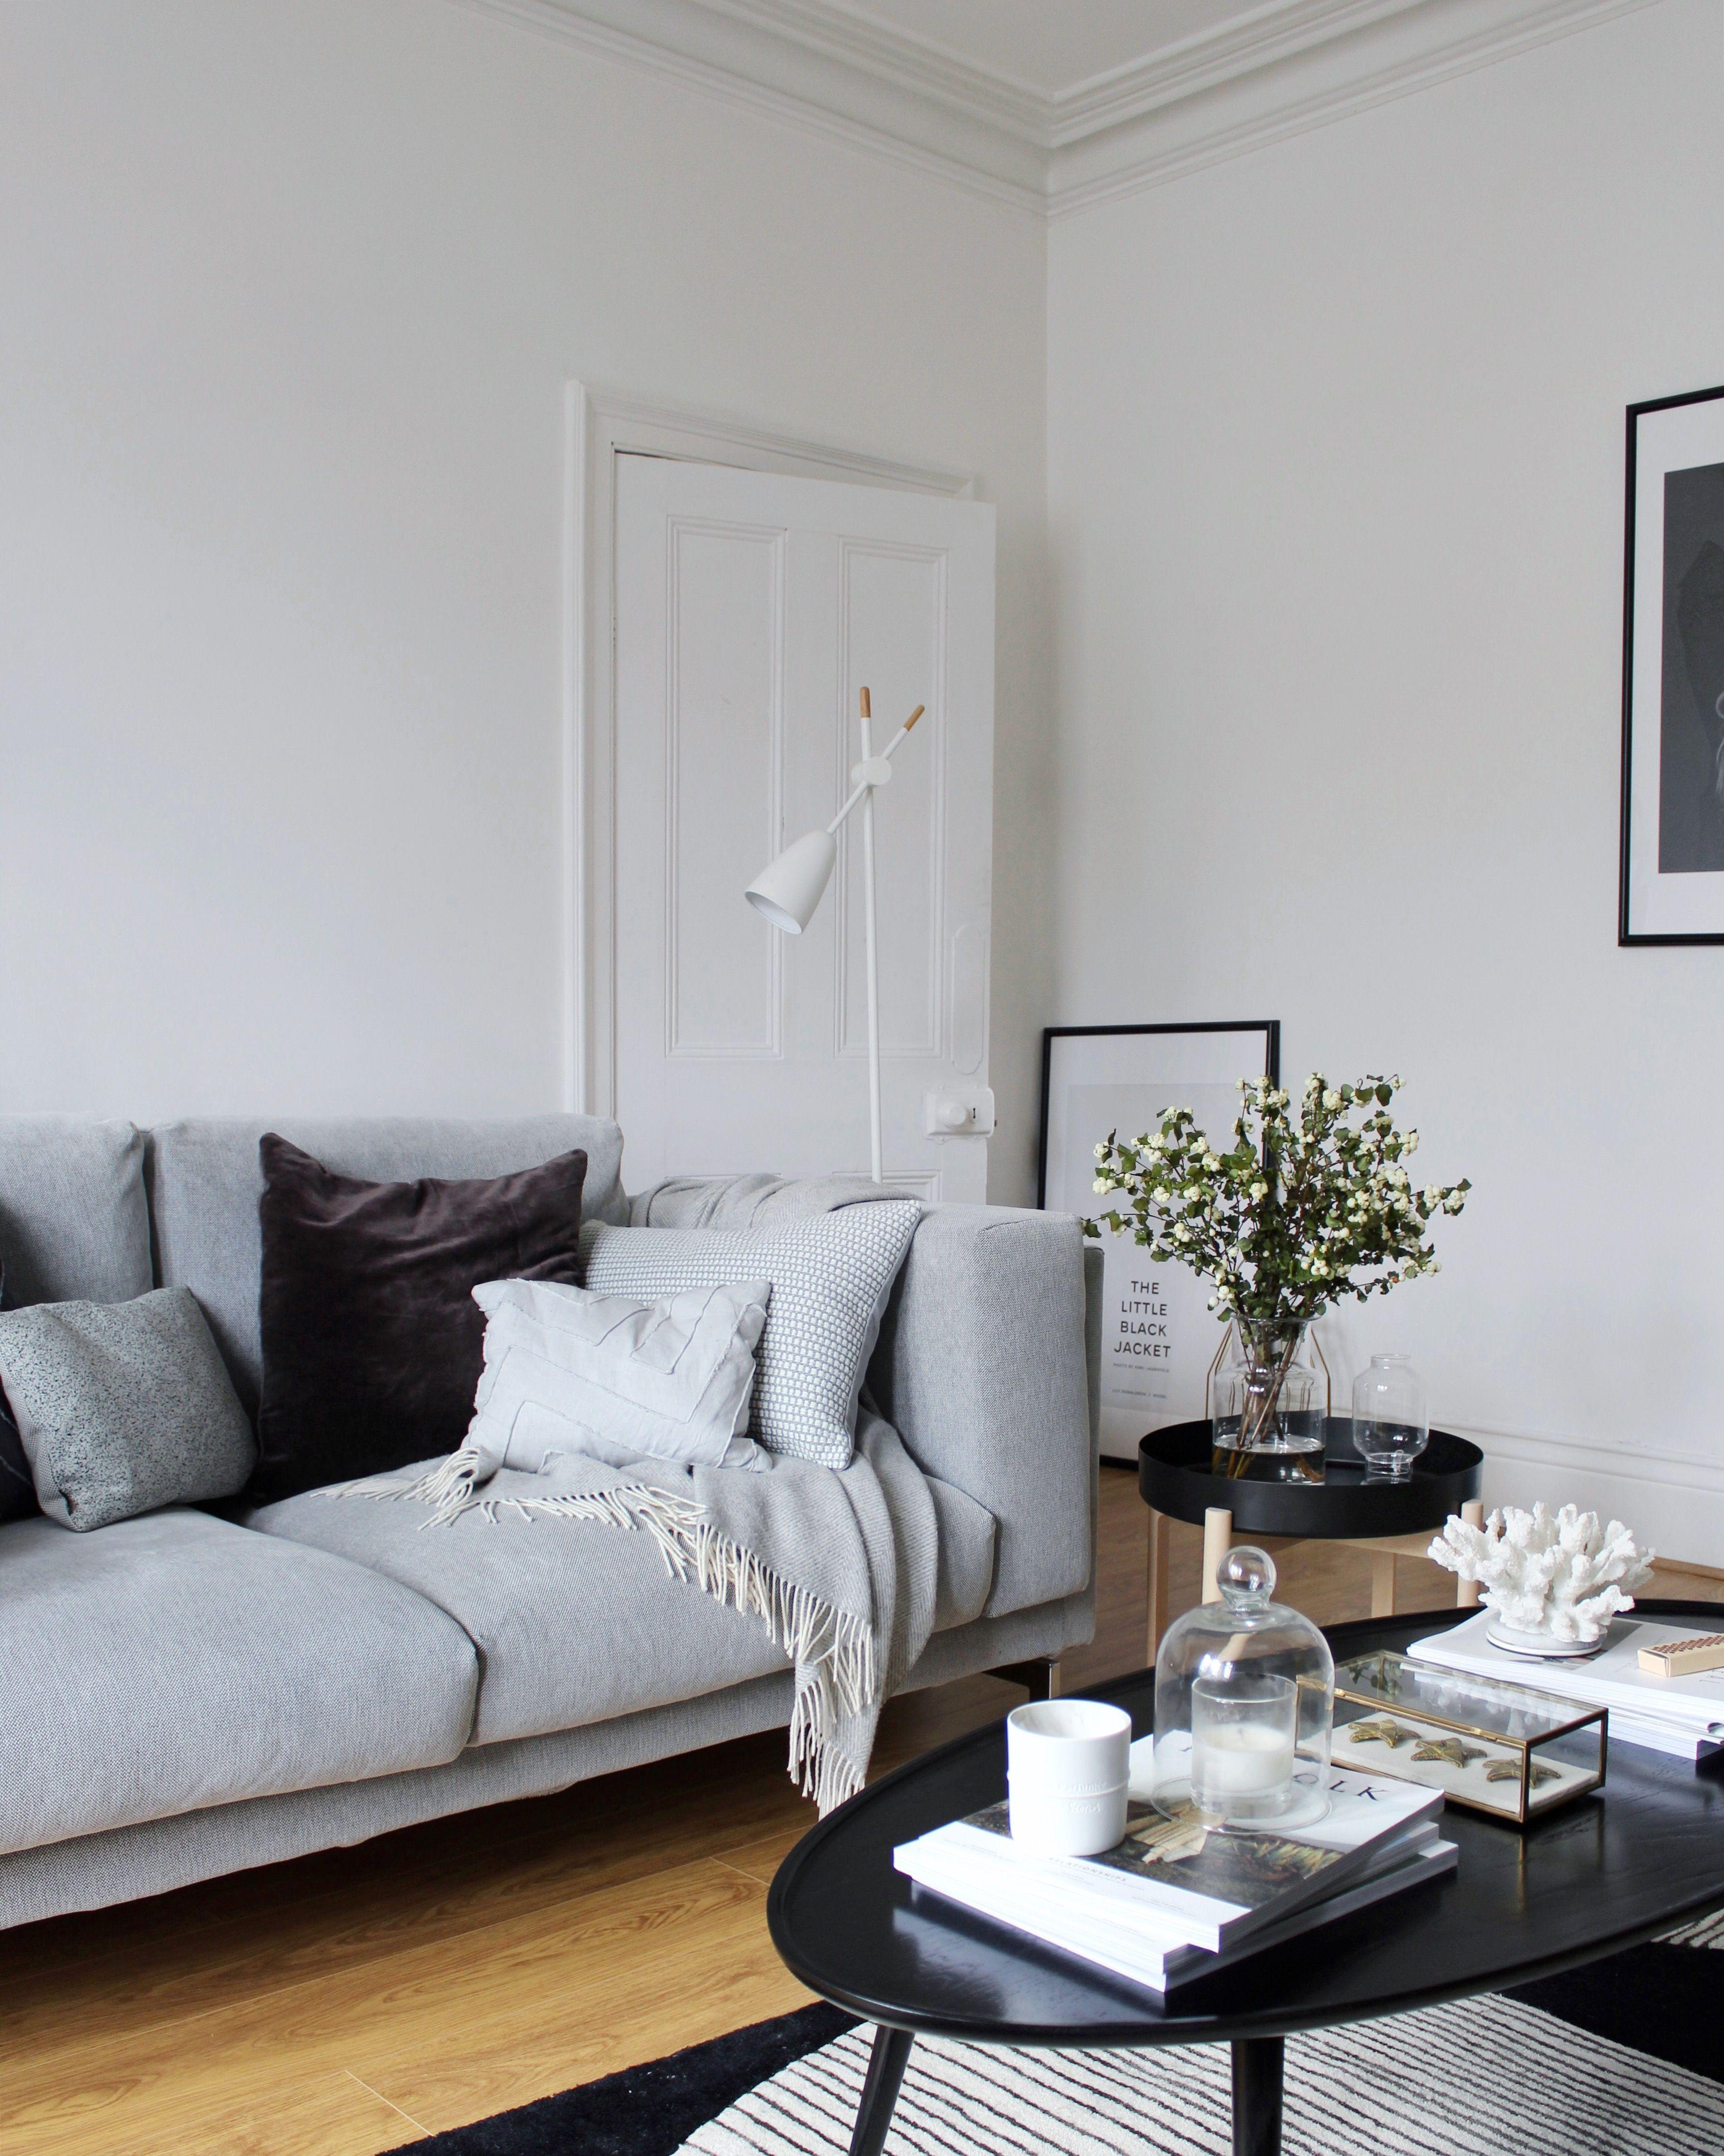 Ikea Nockeby Zweisitzer Sofa In Black White Talmyra Ohne Zweifel Einer Der Amp Black Der Einer Ike Kleine Wohnzimmer Ikea Nockeby Haus Dekoration